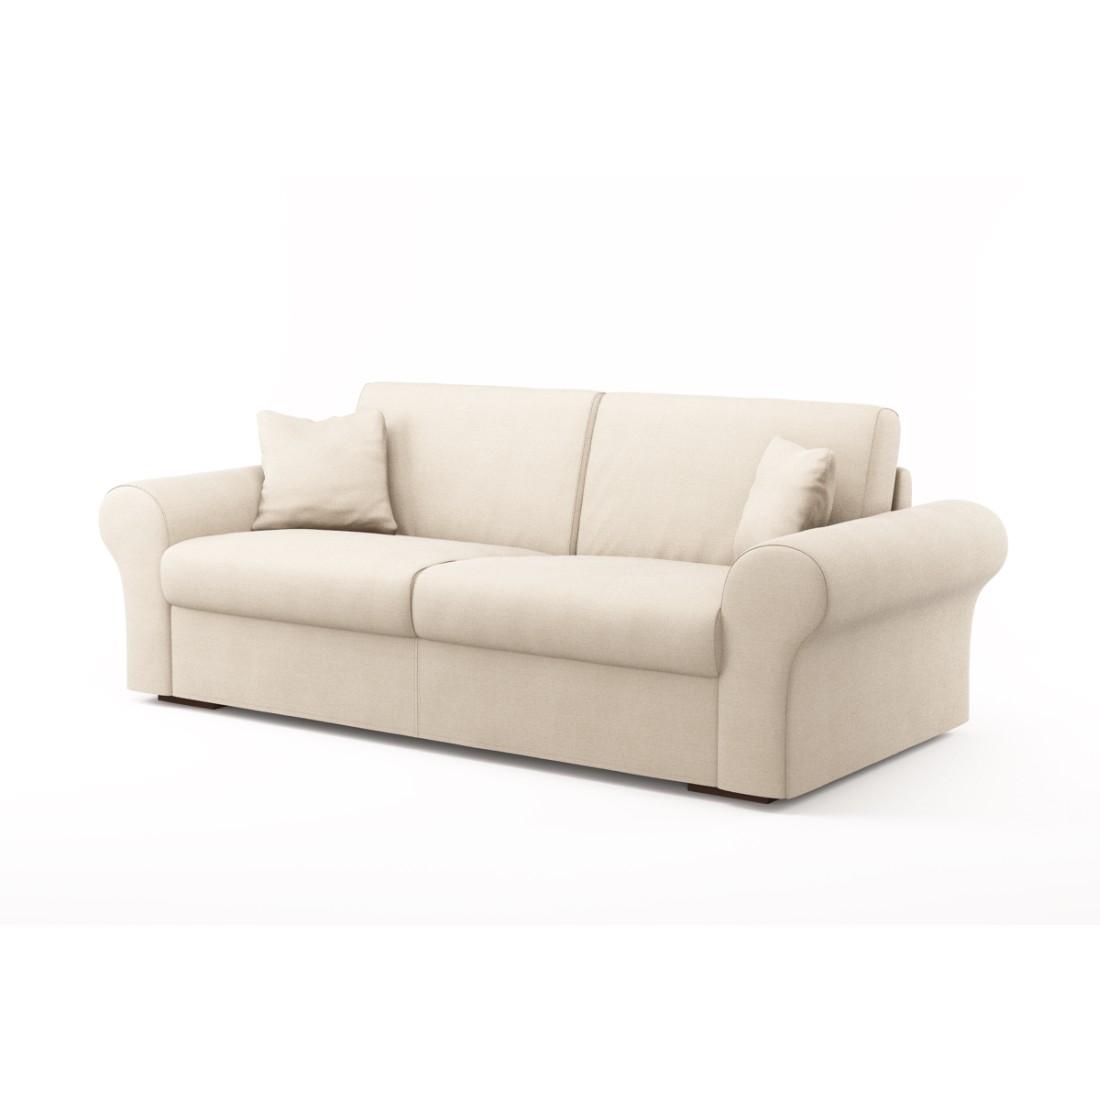 Schlafsofa Novo (3-Sitzer) – Luna Comfort 6 151 (Natur), Von Wilmowsky günstig bestellen